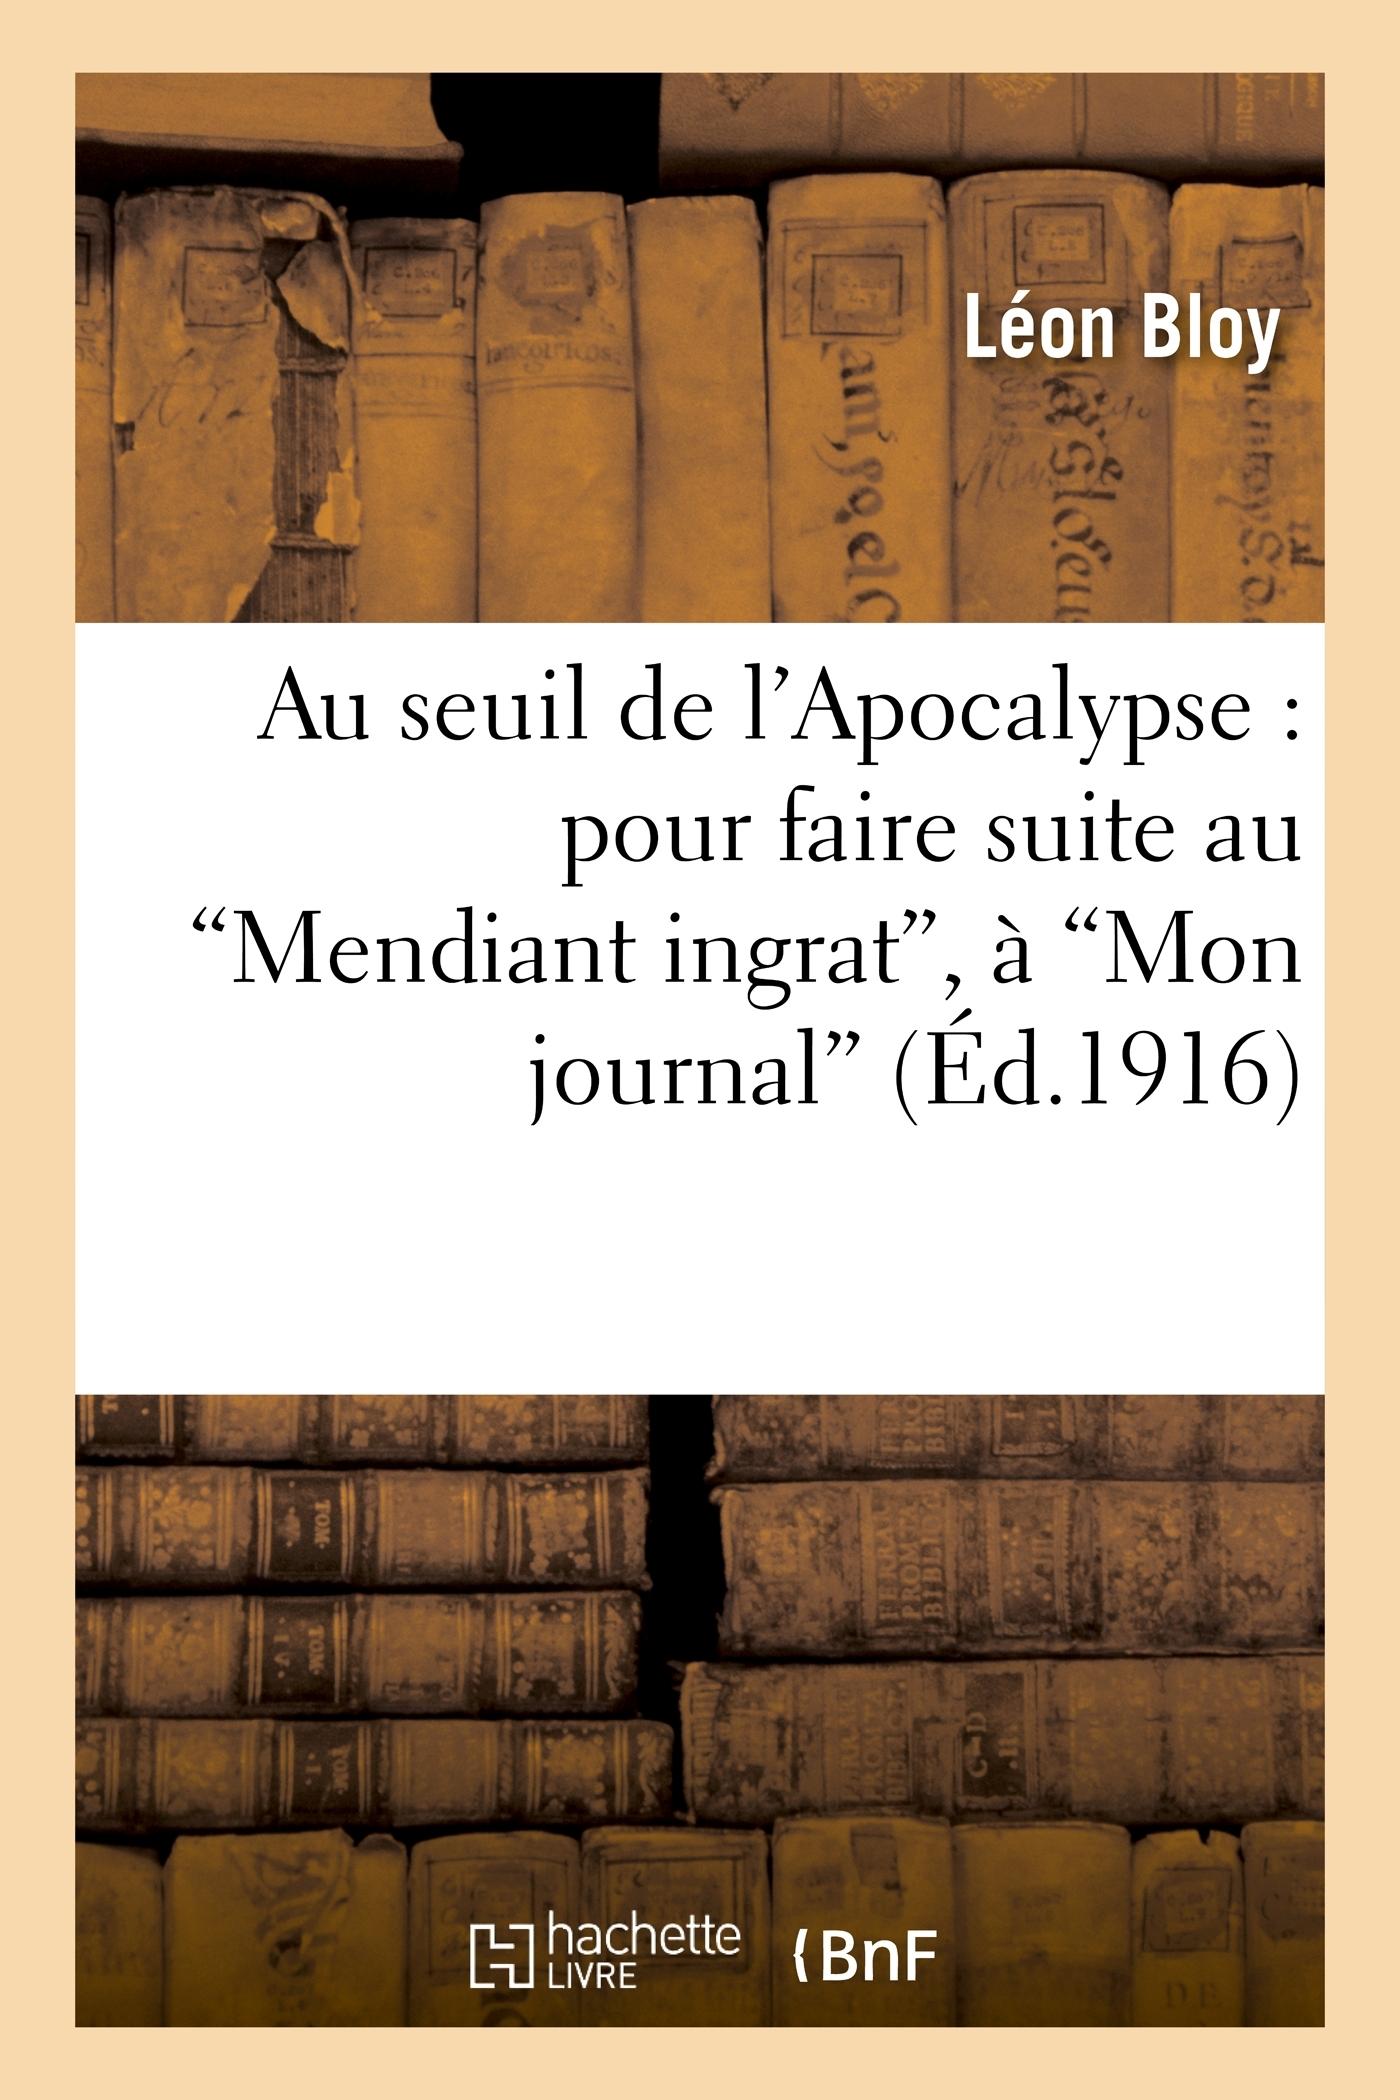 AU SEUIL DE L'APOCALYPSE : POUR FAIRE SUITE AU